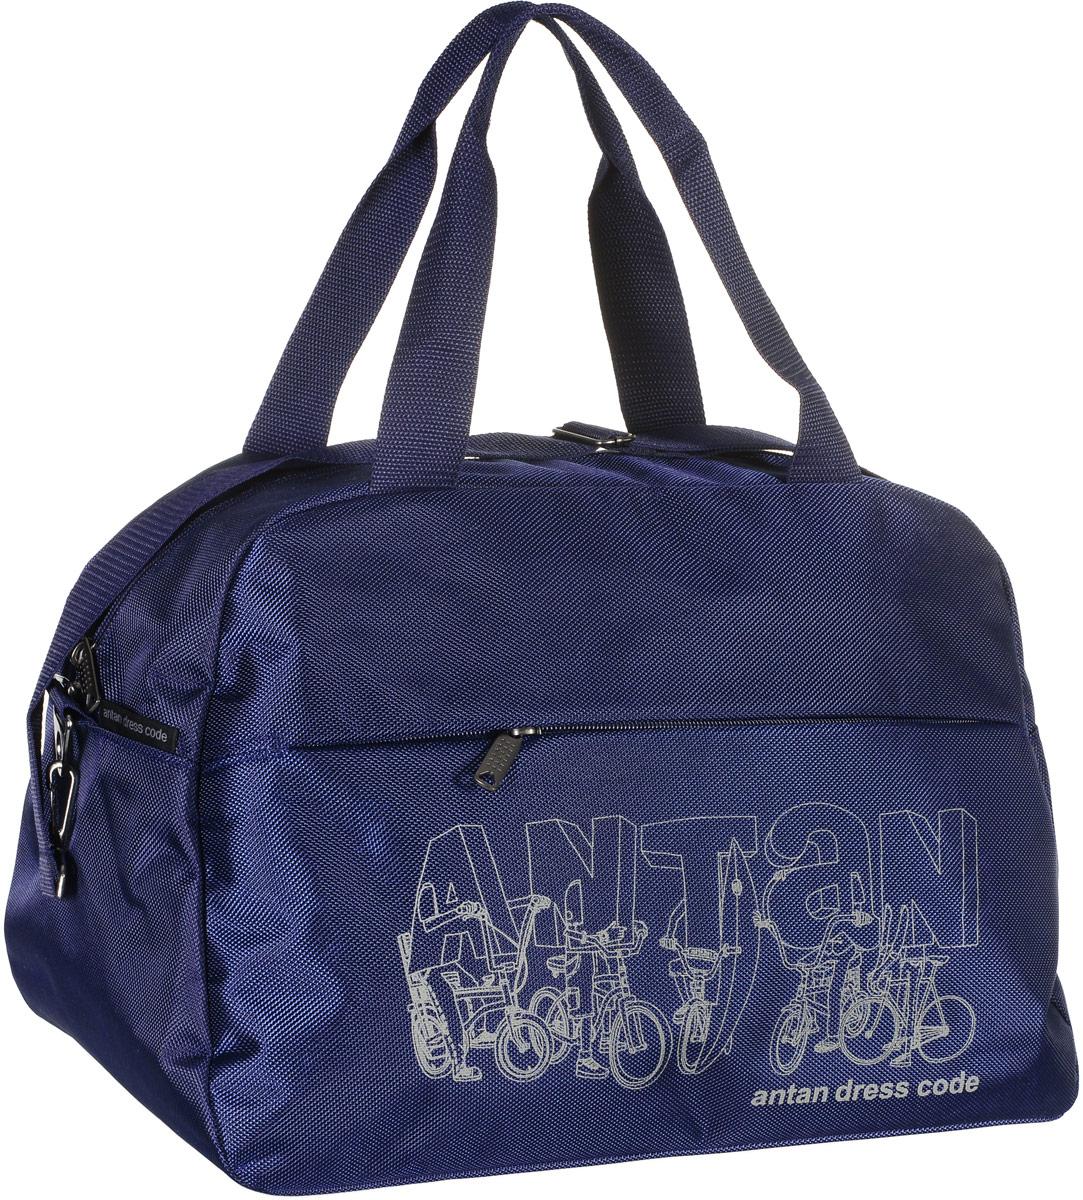 Сумка дорожная Аntan Bike, цвет: темно-синий. 2-1682-168Вместительная дорожная сумка Аntan Bike, выполненная из полиэстера, оформлена на лицевой стороне фирменным принтом. Изделие имеет одно отделение, которое закрывается на застежку-молнию. Снаружи, на передней стенке расположен прорезной карман на застежке-молнии. Сумка оснащена двумя удобными ручками. В комплект входит съемный регулируемый плечевой ремень. Изделие имеет жесткое основание.